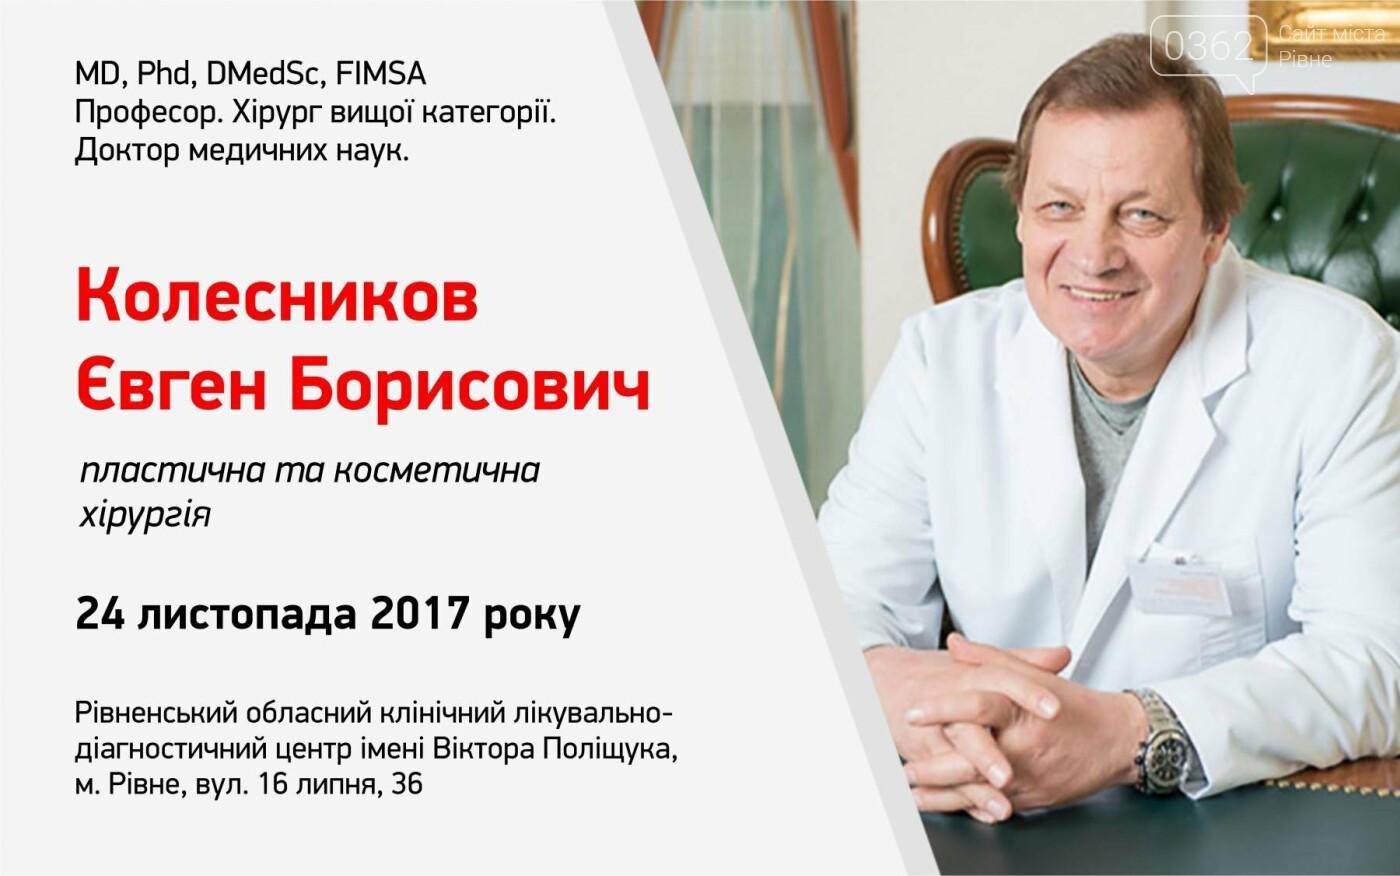 У Рівненський діагностичний центр приїде хірург світового рівня, фото-1